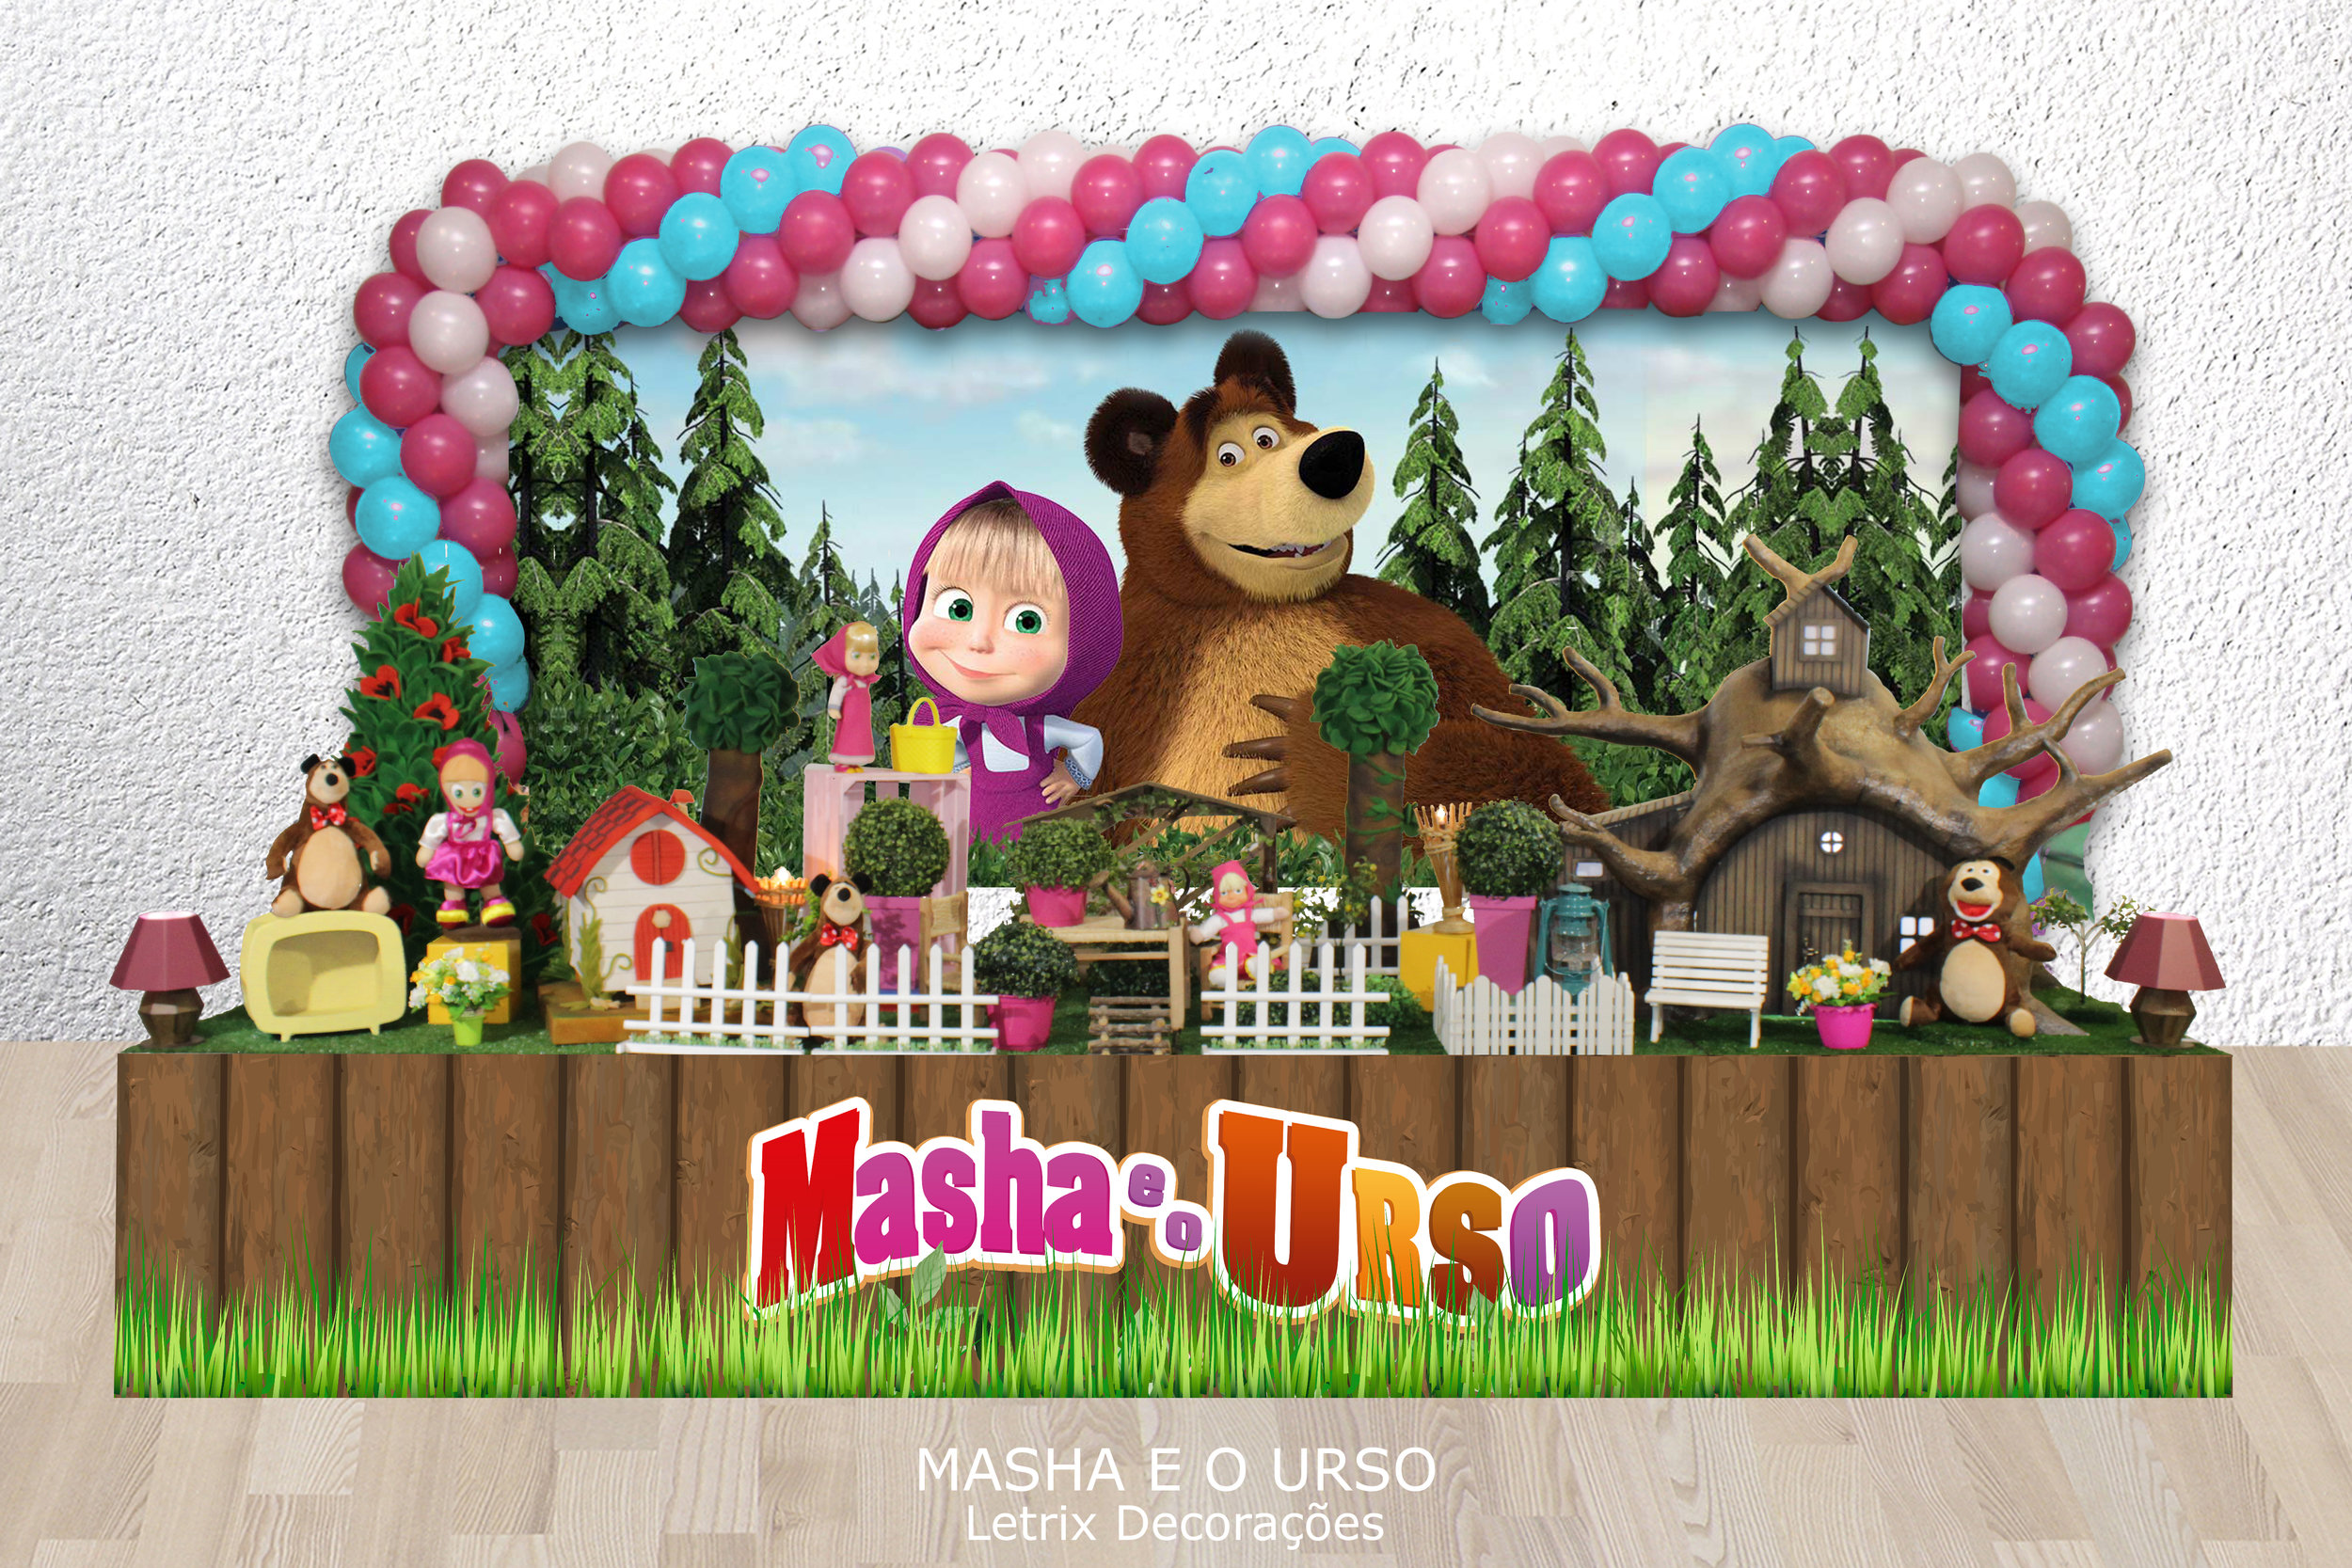 MASHA E URSO.jpg